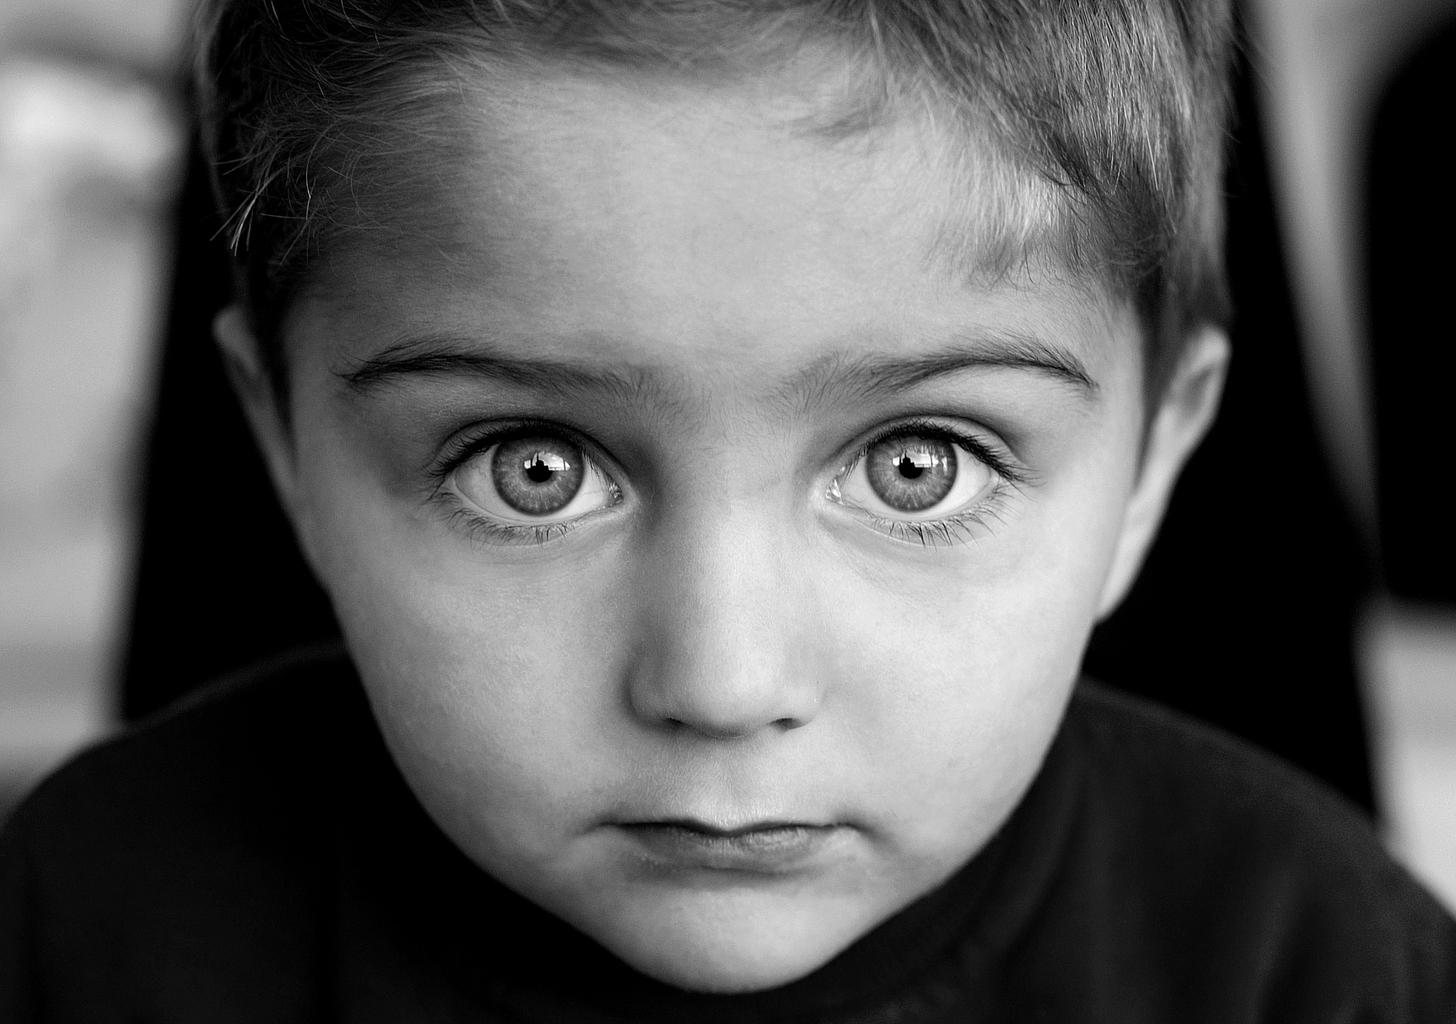 niño ojosb